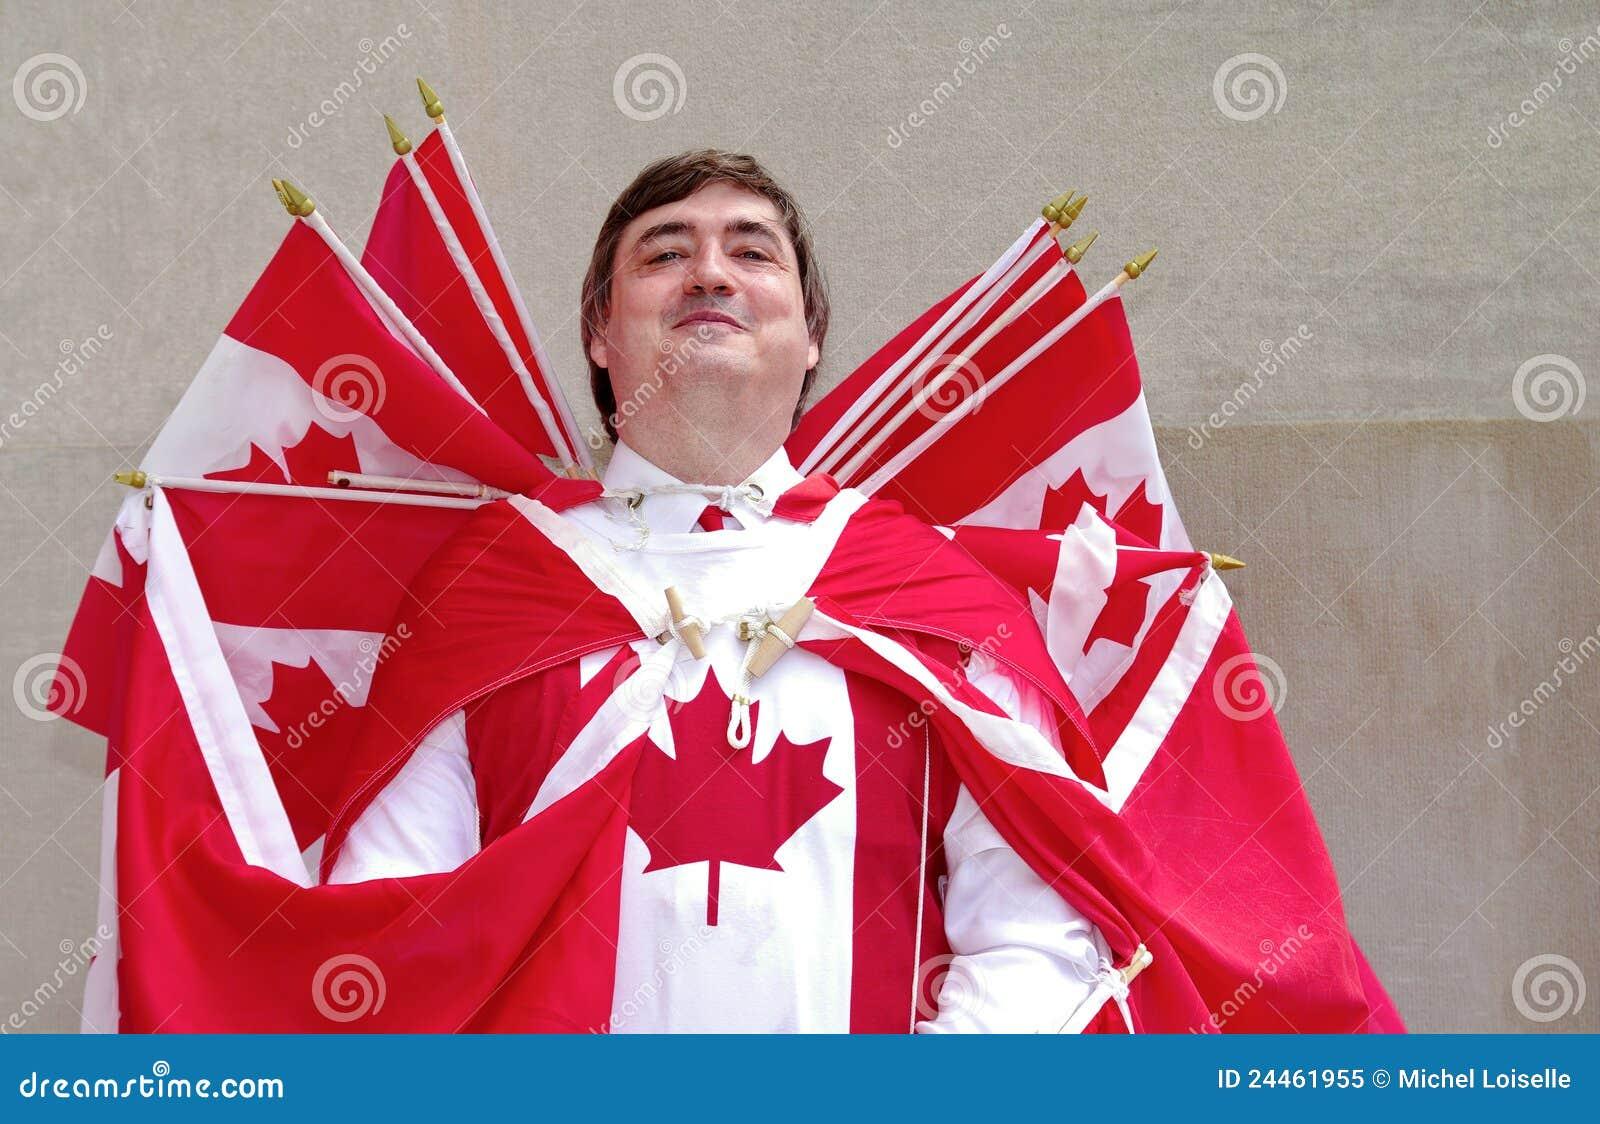 Capitán Canadá imagen editorial. Imagen de primero, cómodo - 24461955